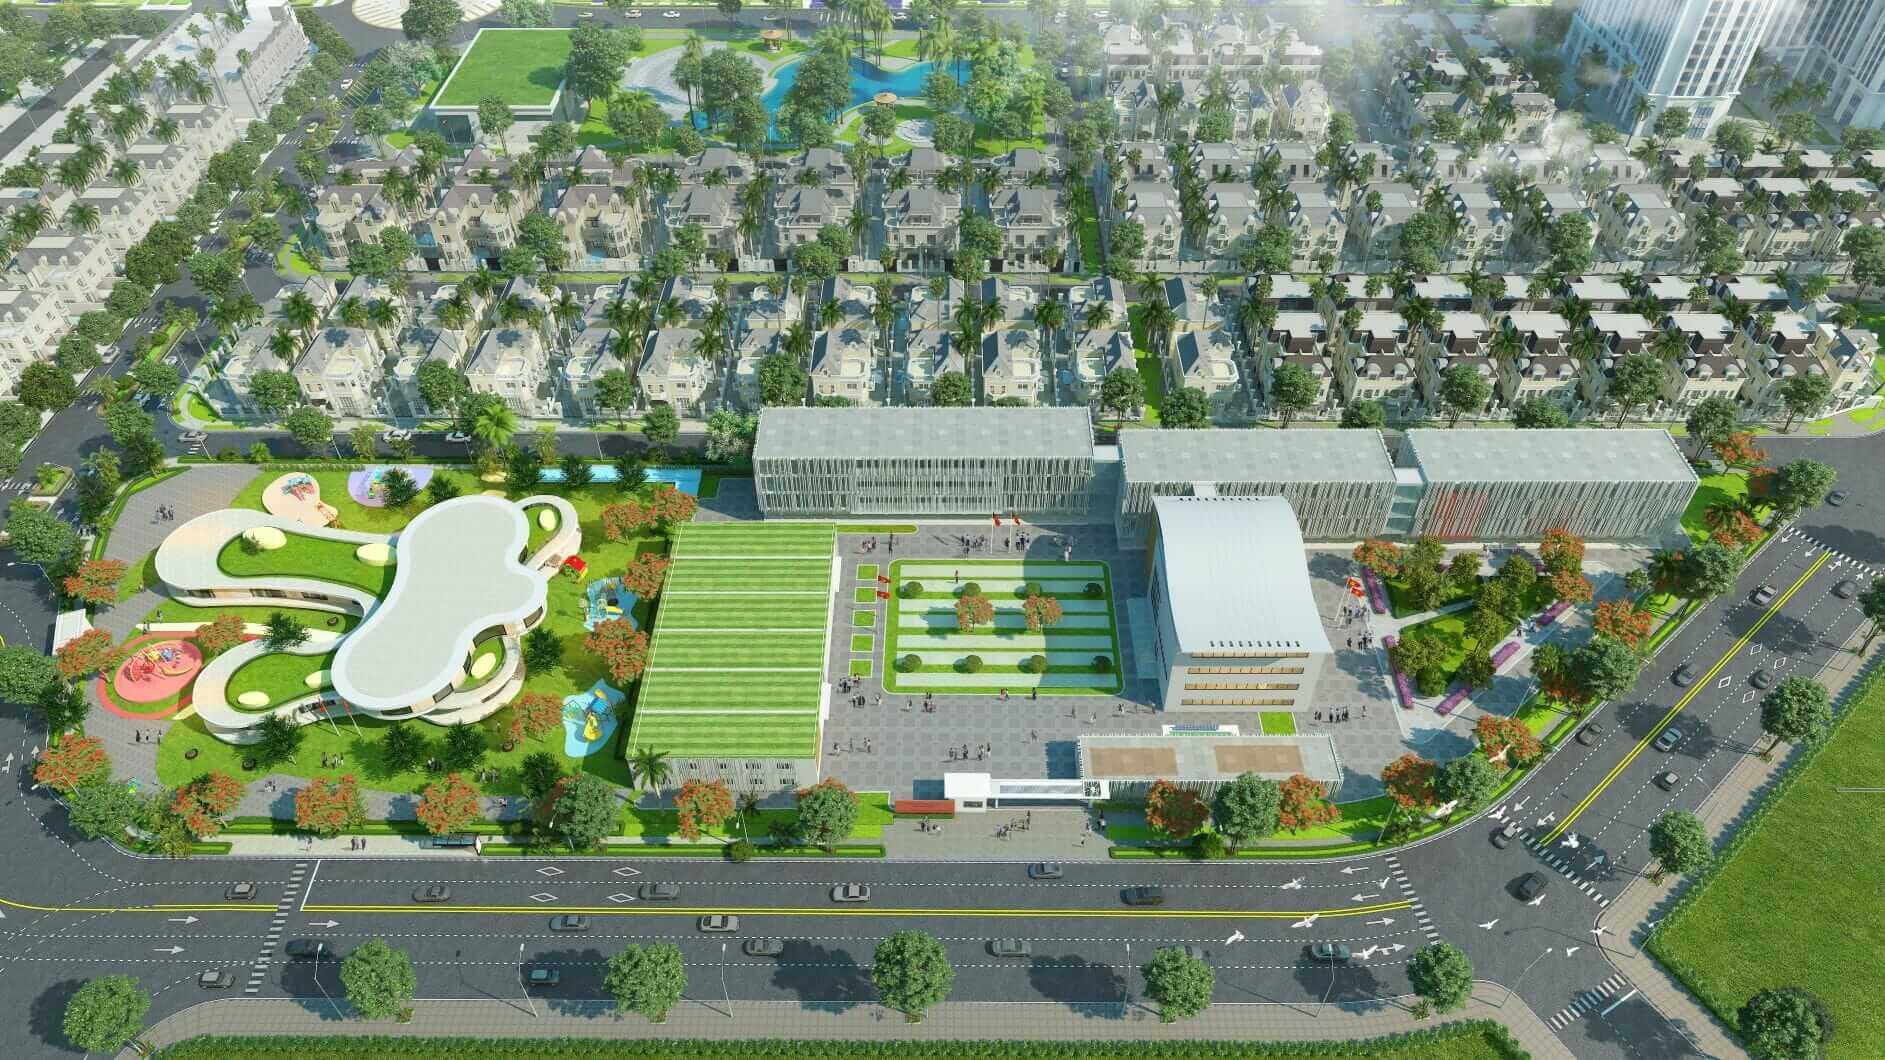 Các đại đô thị đang dẫn dắt xu hướng mua bất động sản tại TP.HCM 4